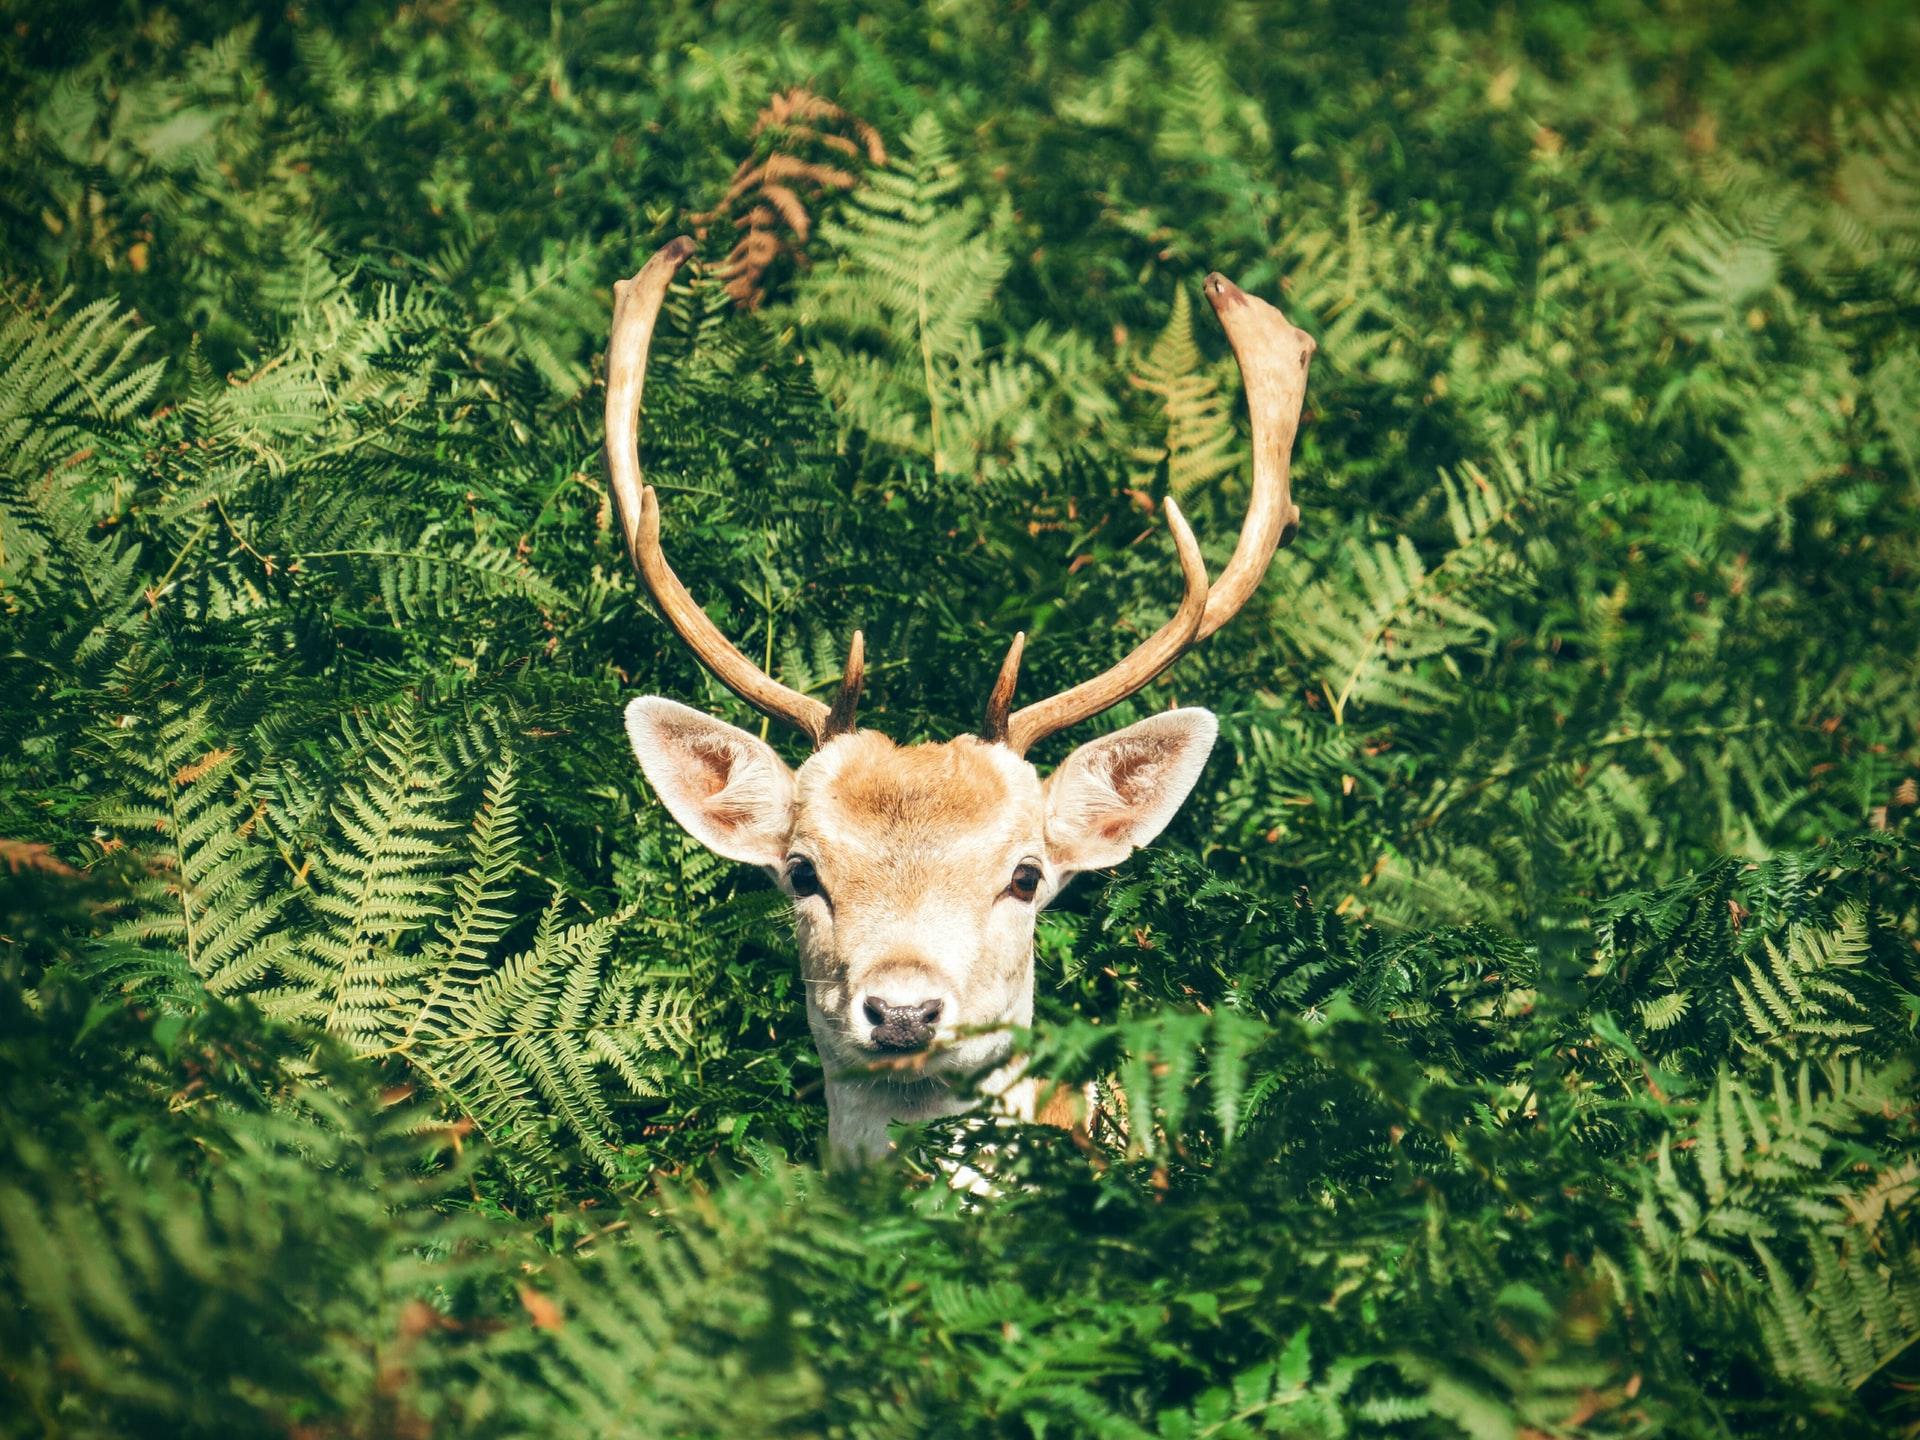 草木からのぞく鹿の写真